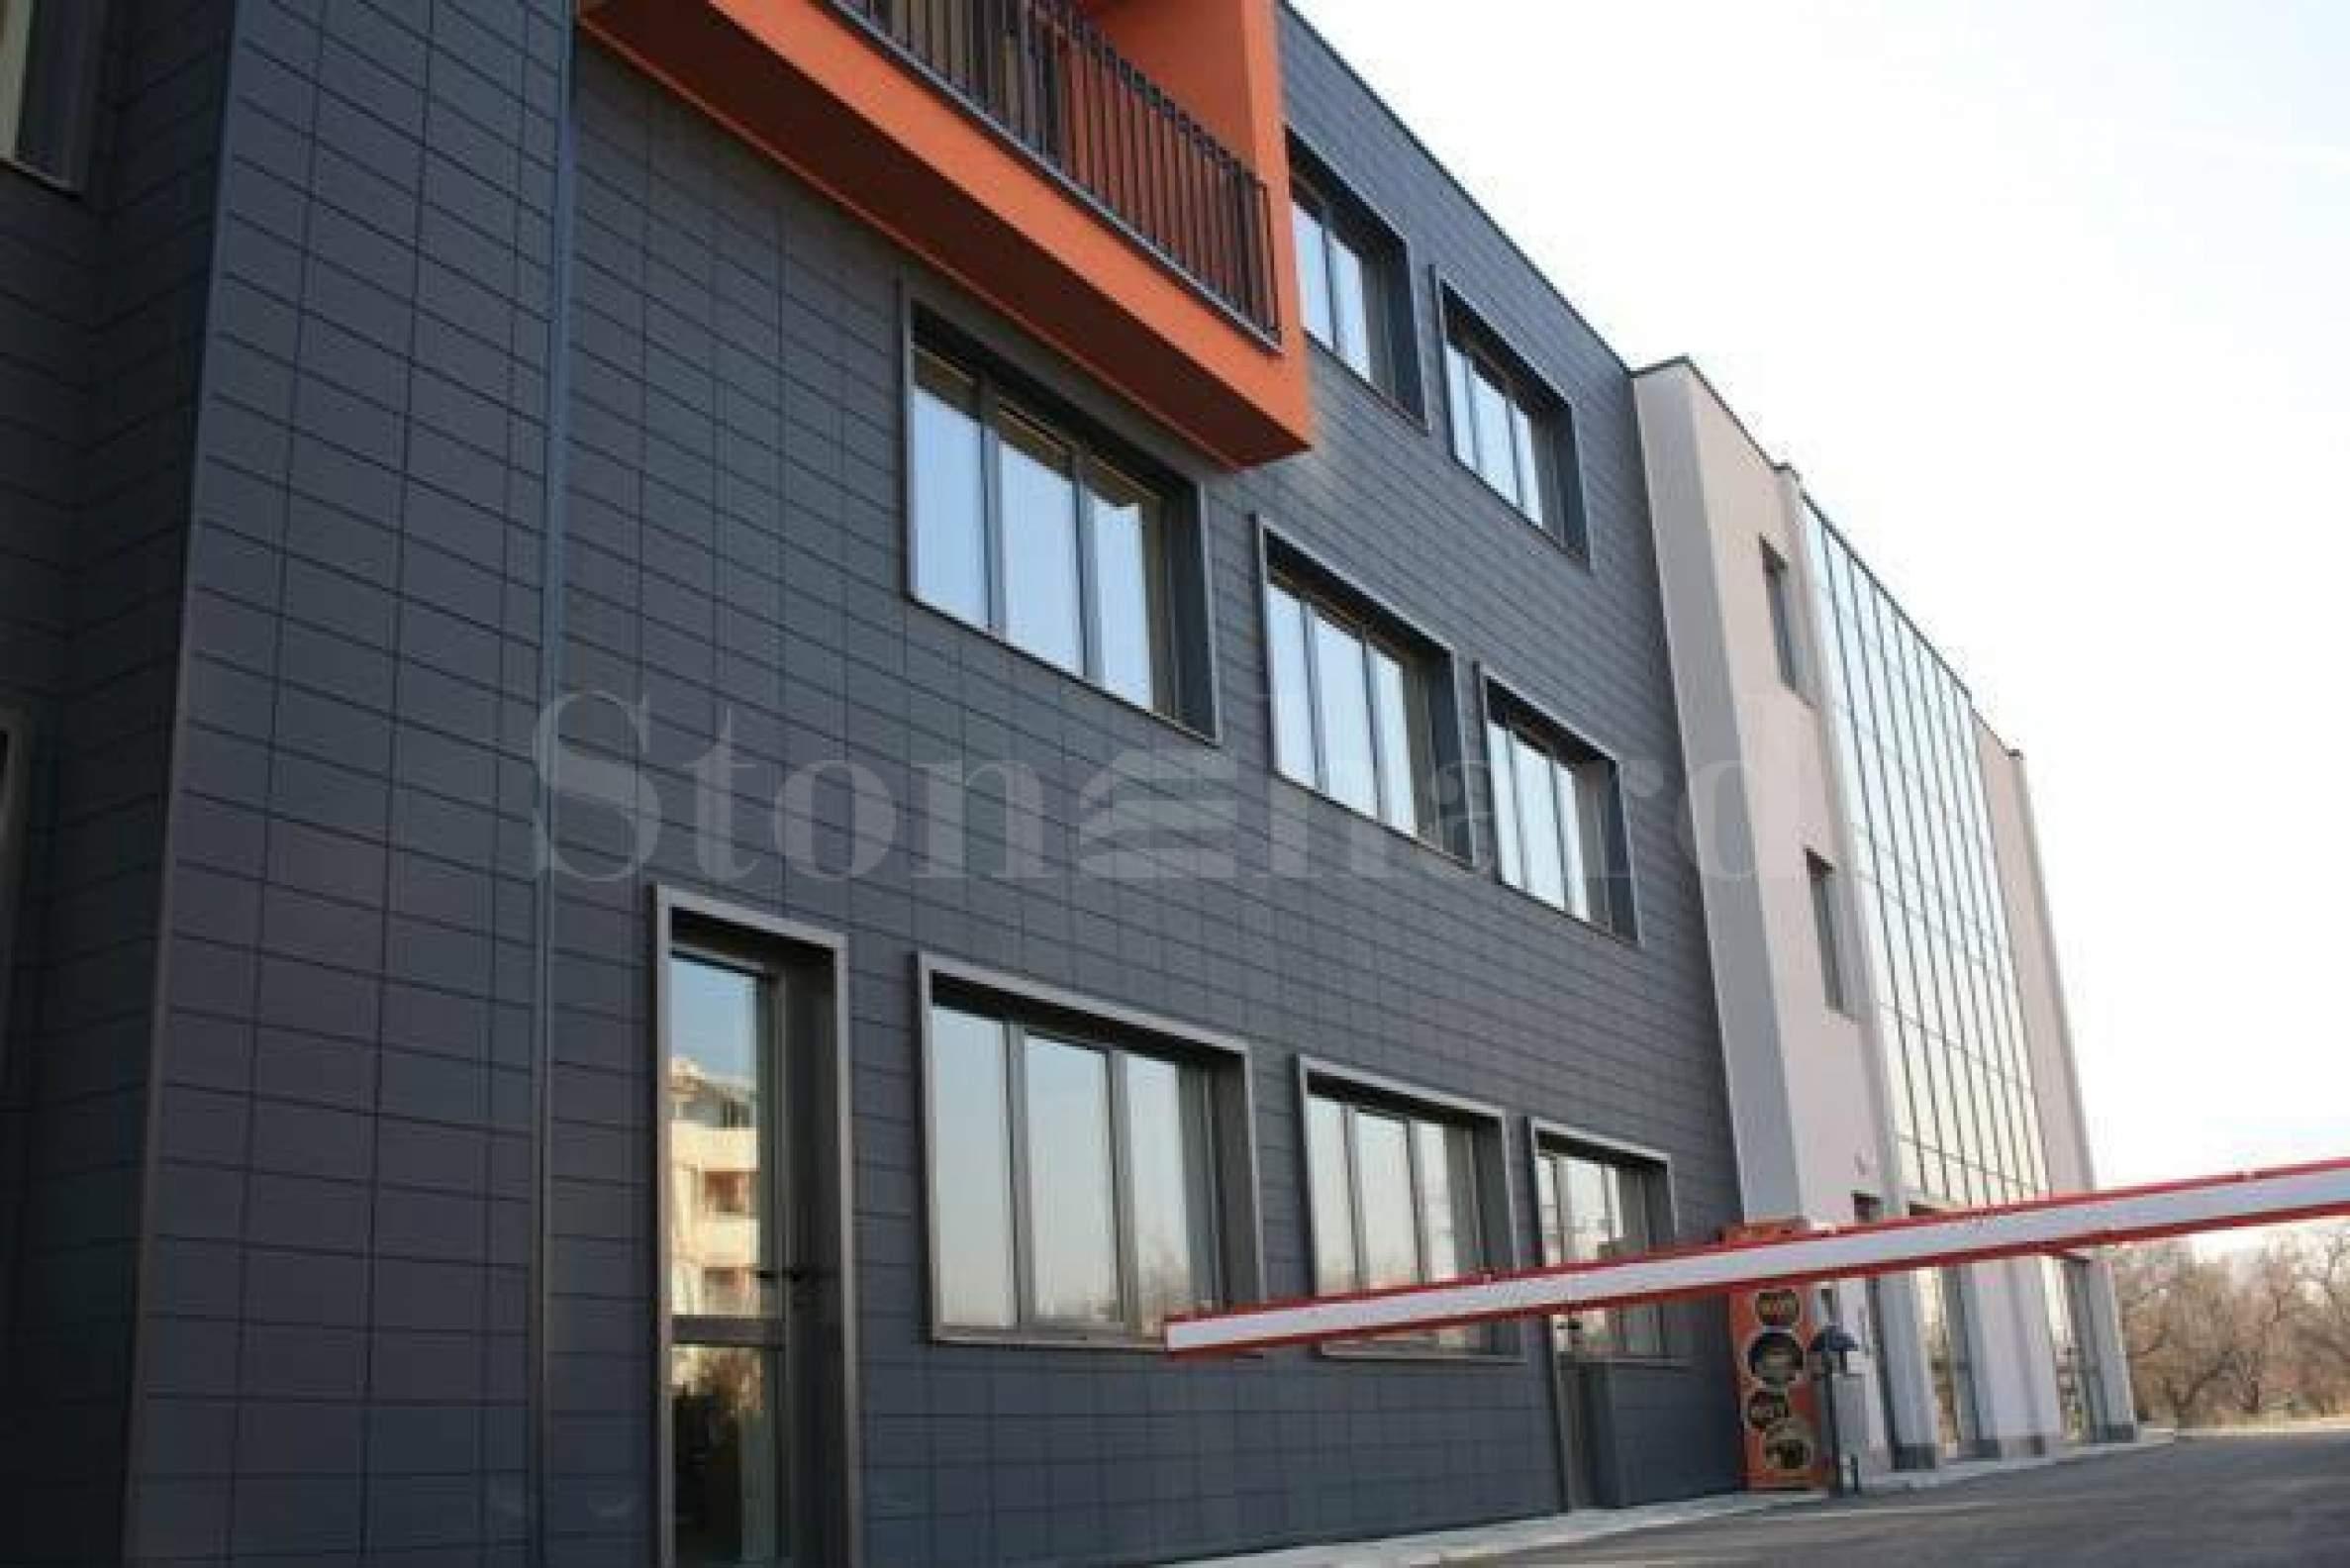 Апартаменти и офиси в построена сграда1 - Stonehard